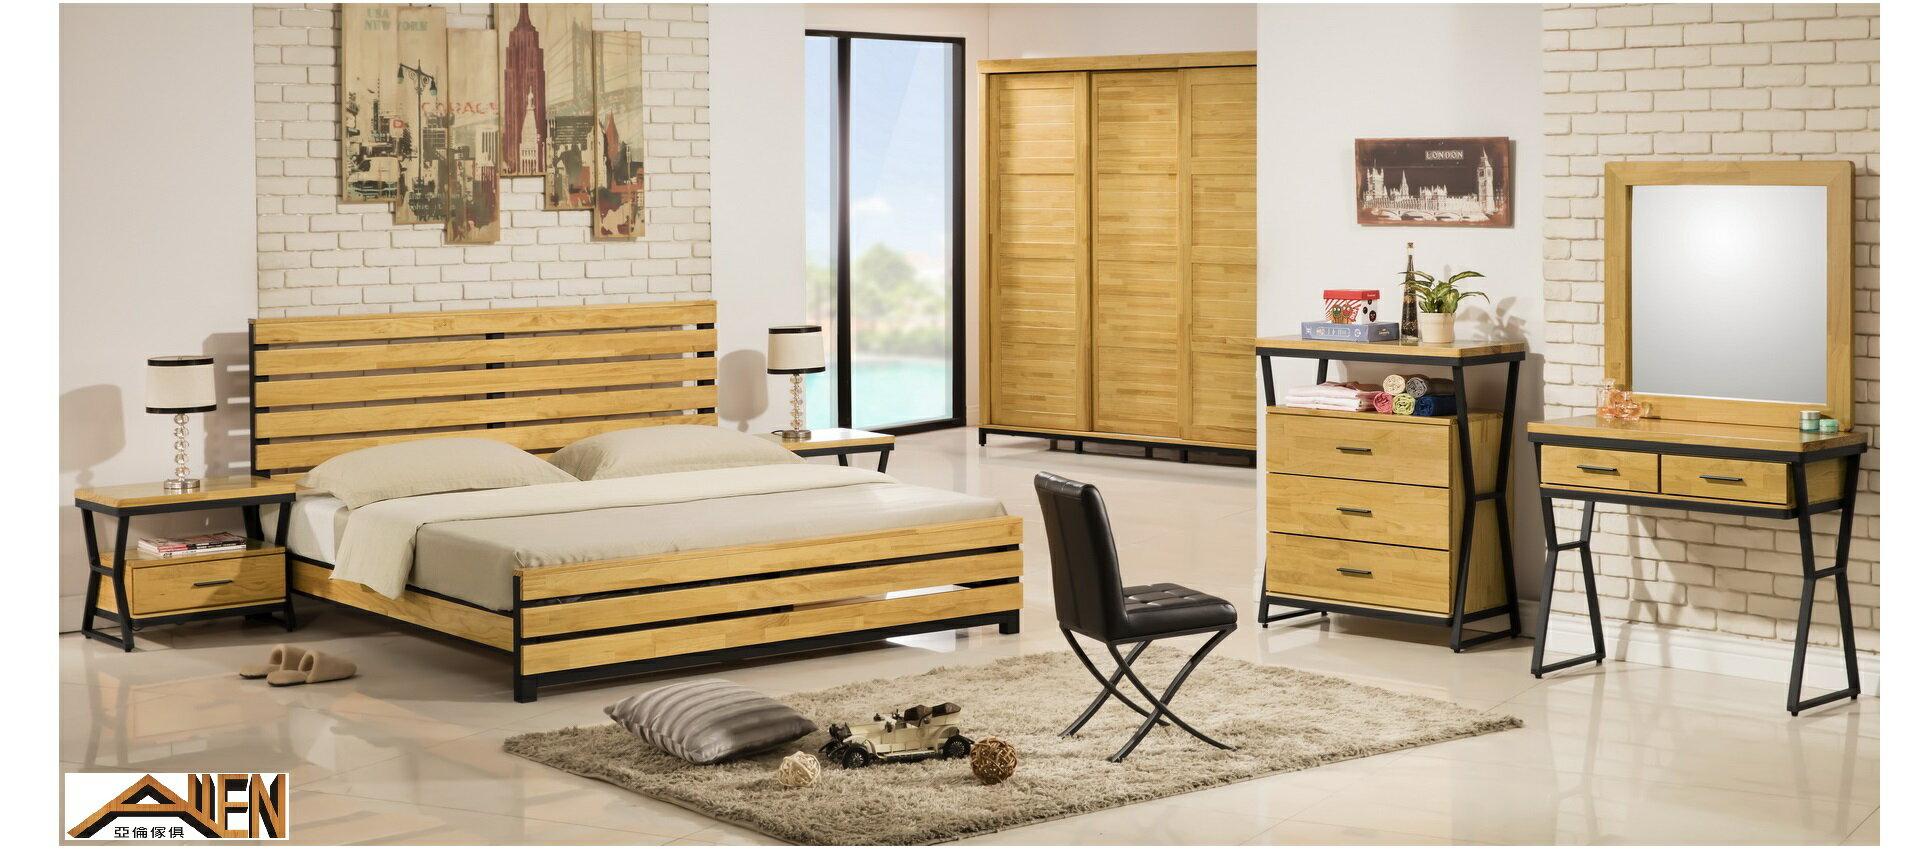 亞倫傢俱*菲爾德紐松全實木床頭櫃